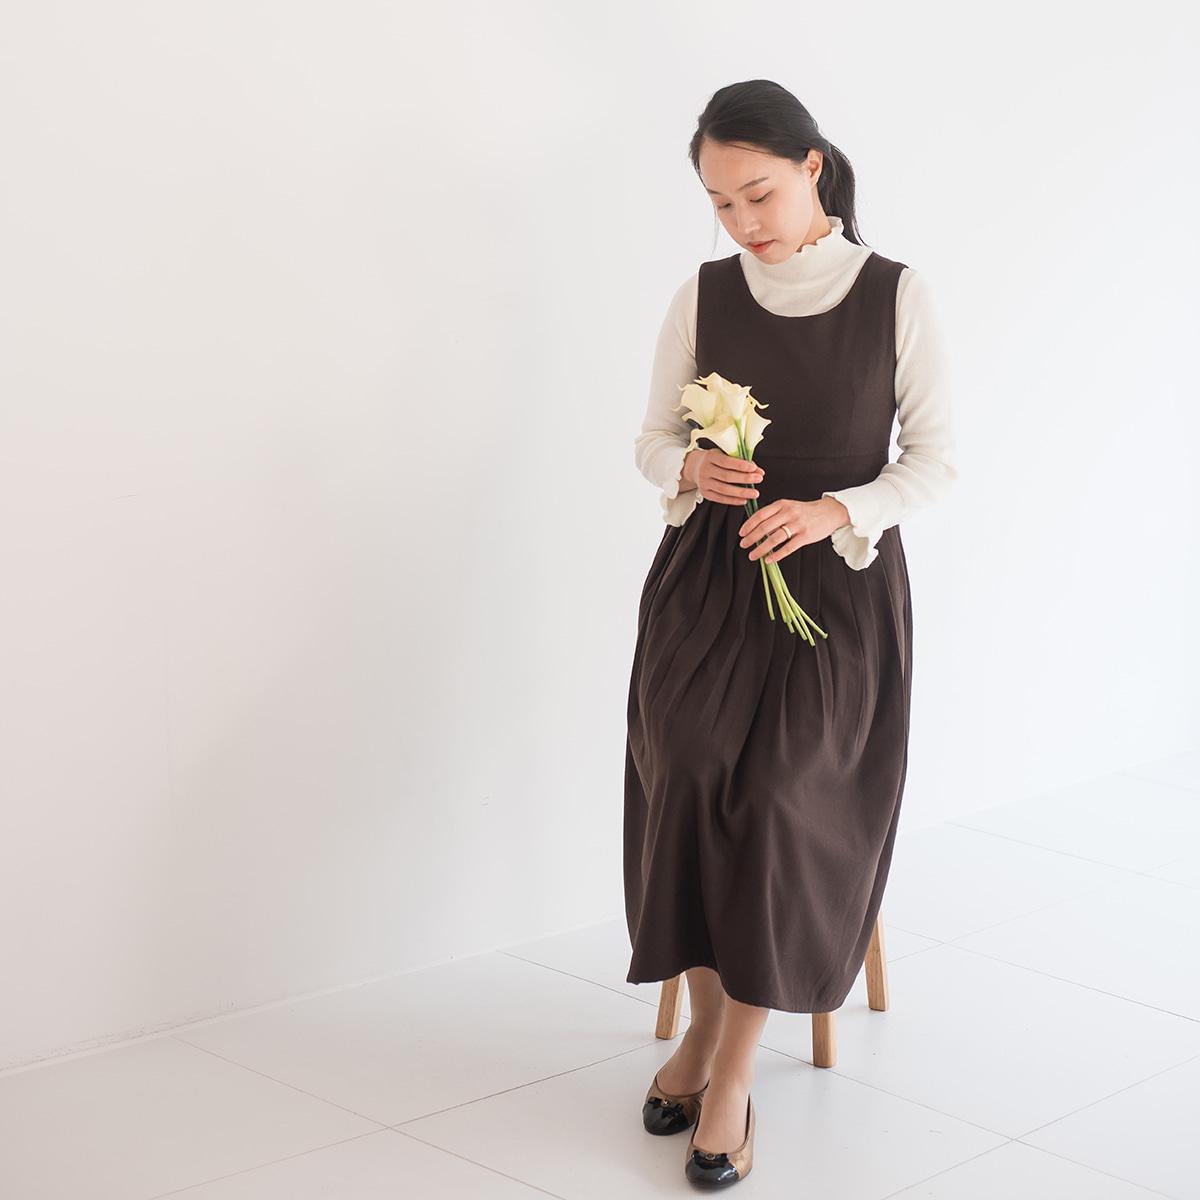 다오네우리옷 소단-울 기모원피스(브라운) 생활한복(개량한복)